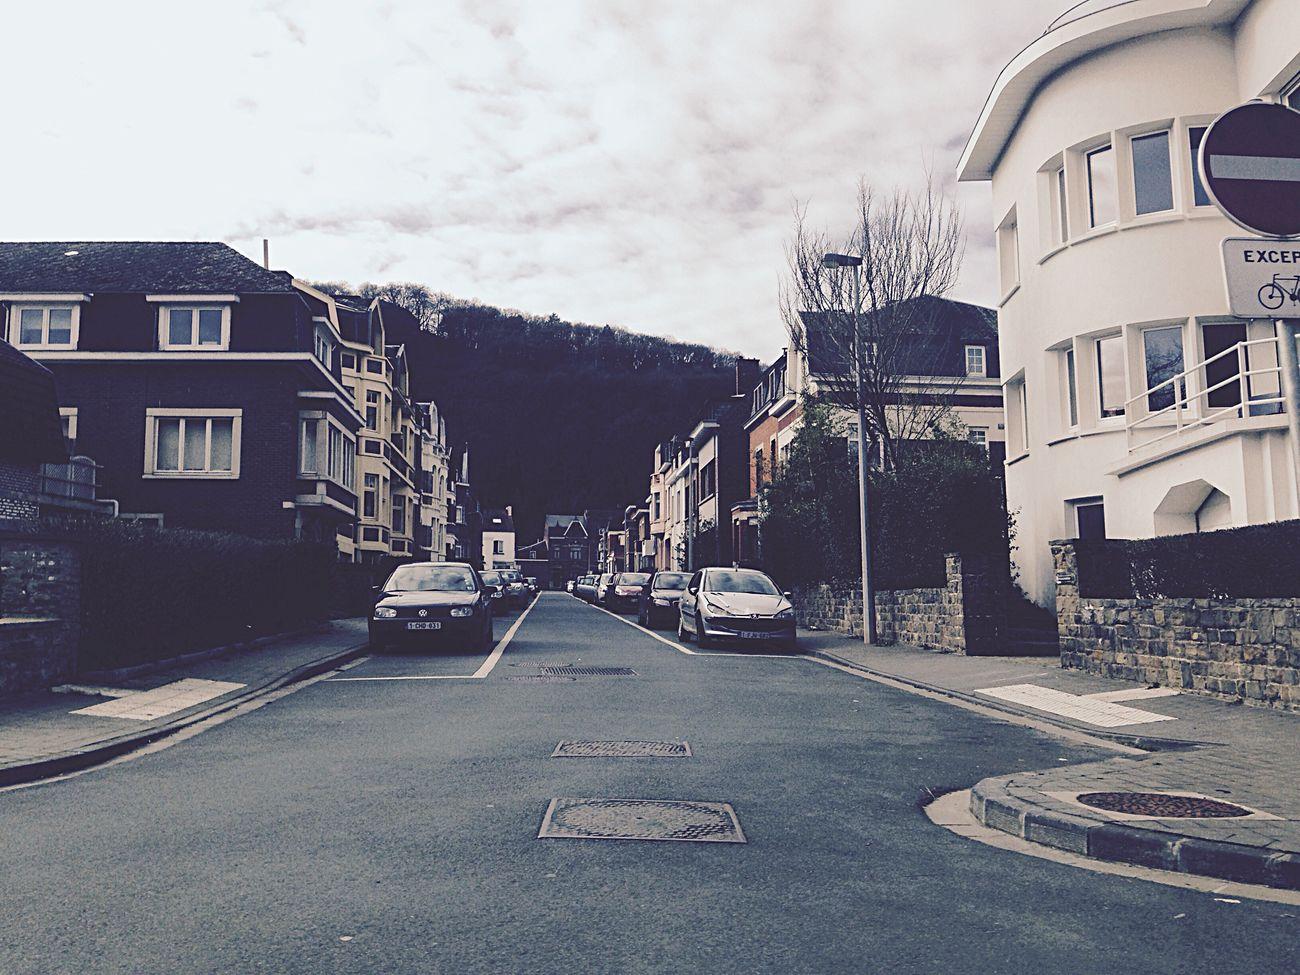 Belgium Street Photography